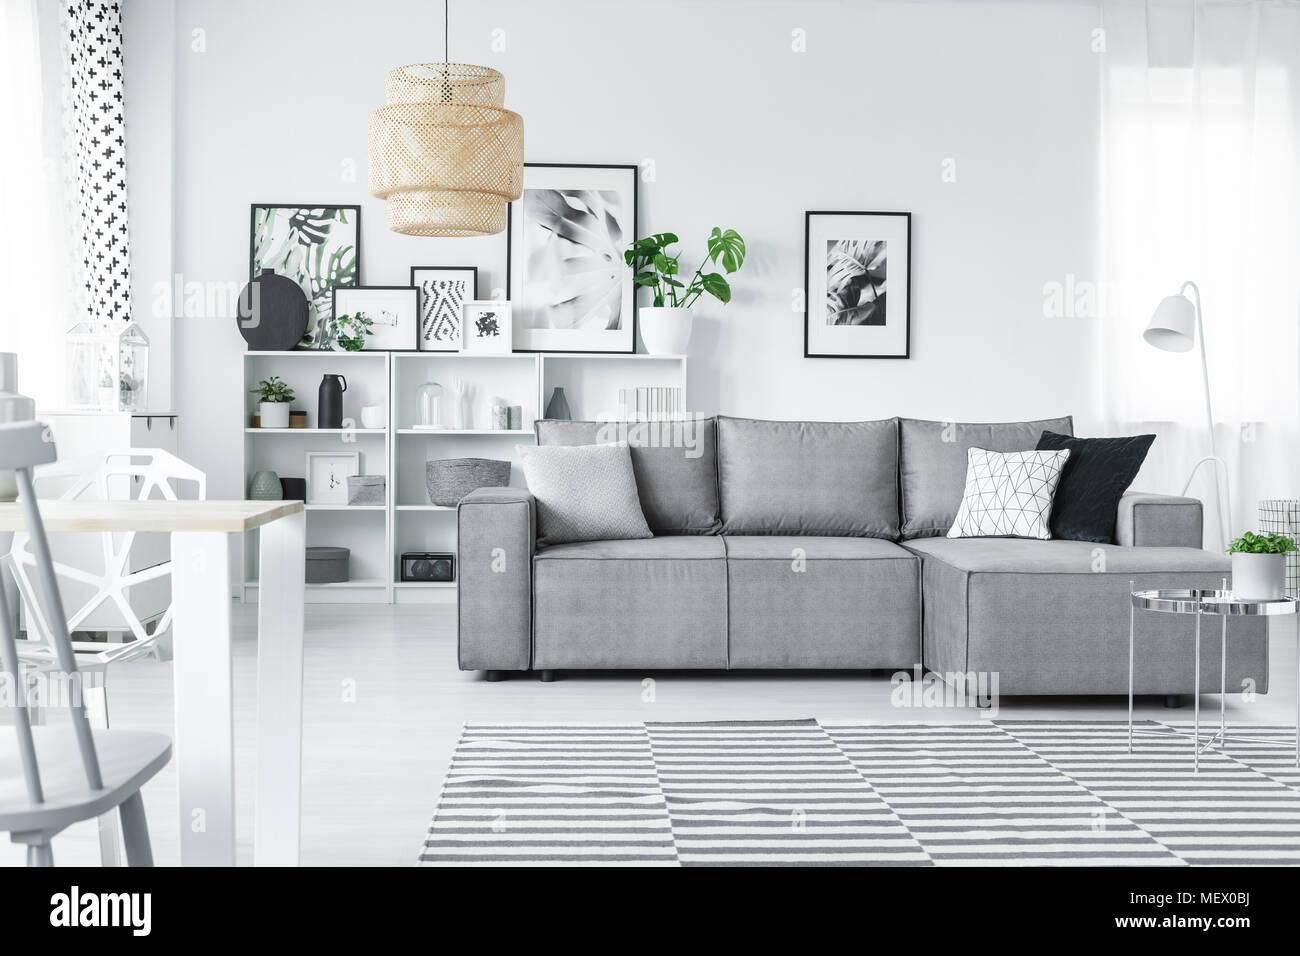 Wohnung Einrichten Skandinavischer Stil Kuche Skandinavischer Stil